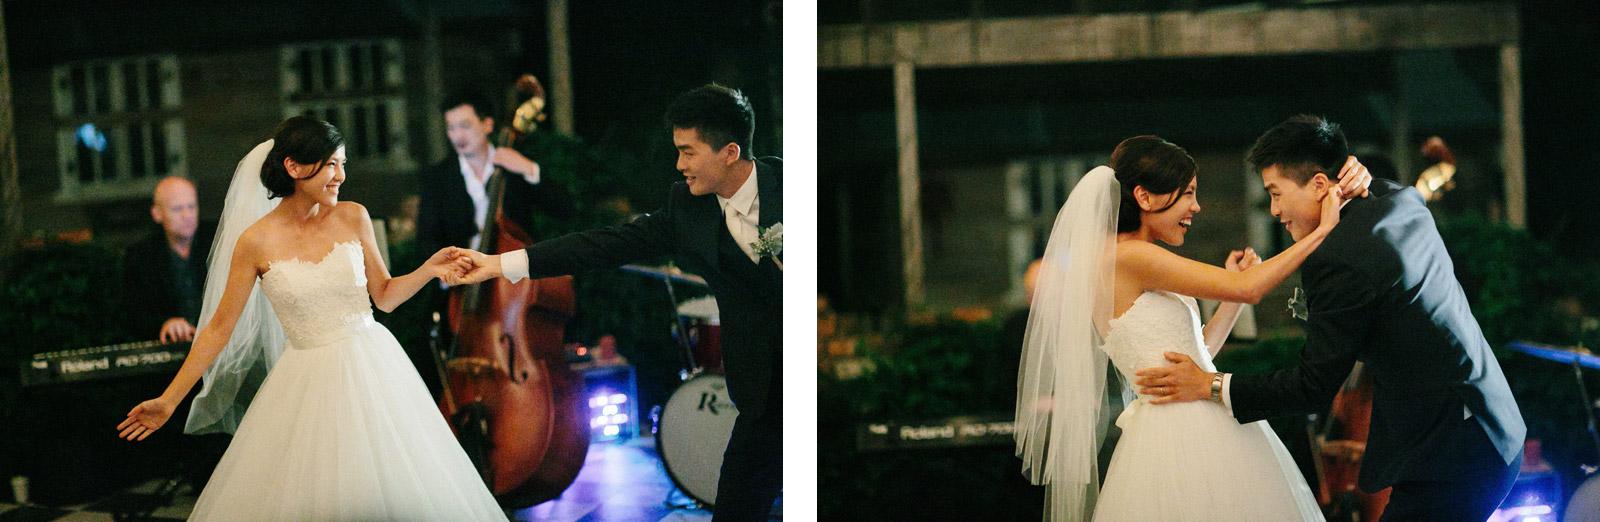 wedding-anne-darren-125